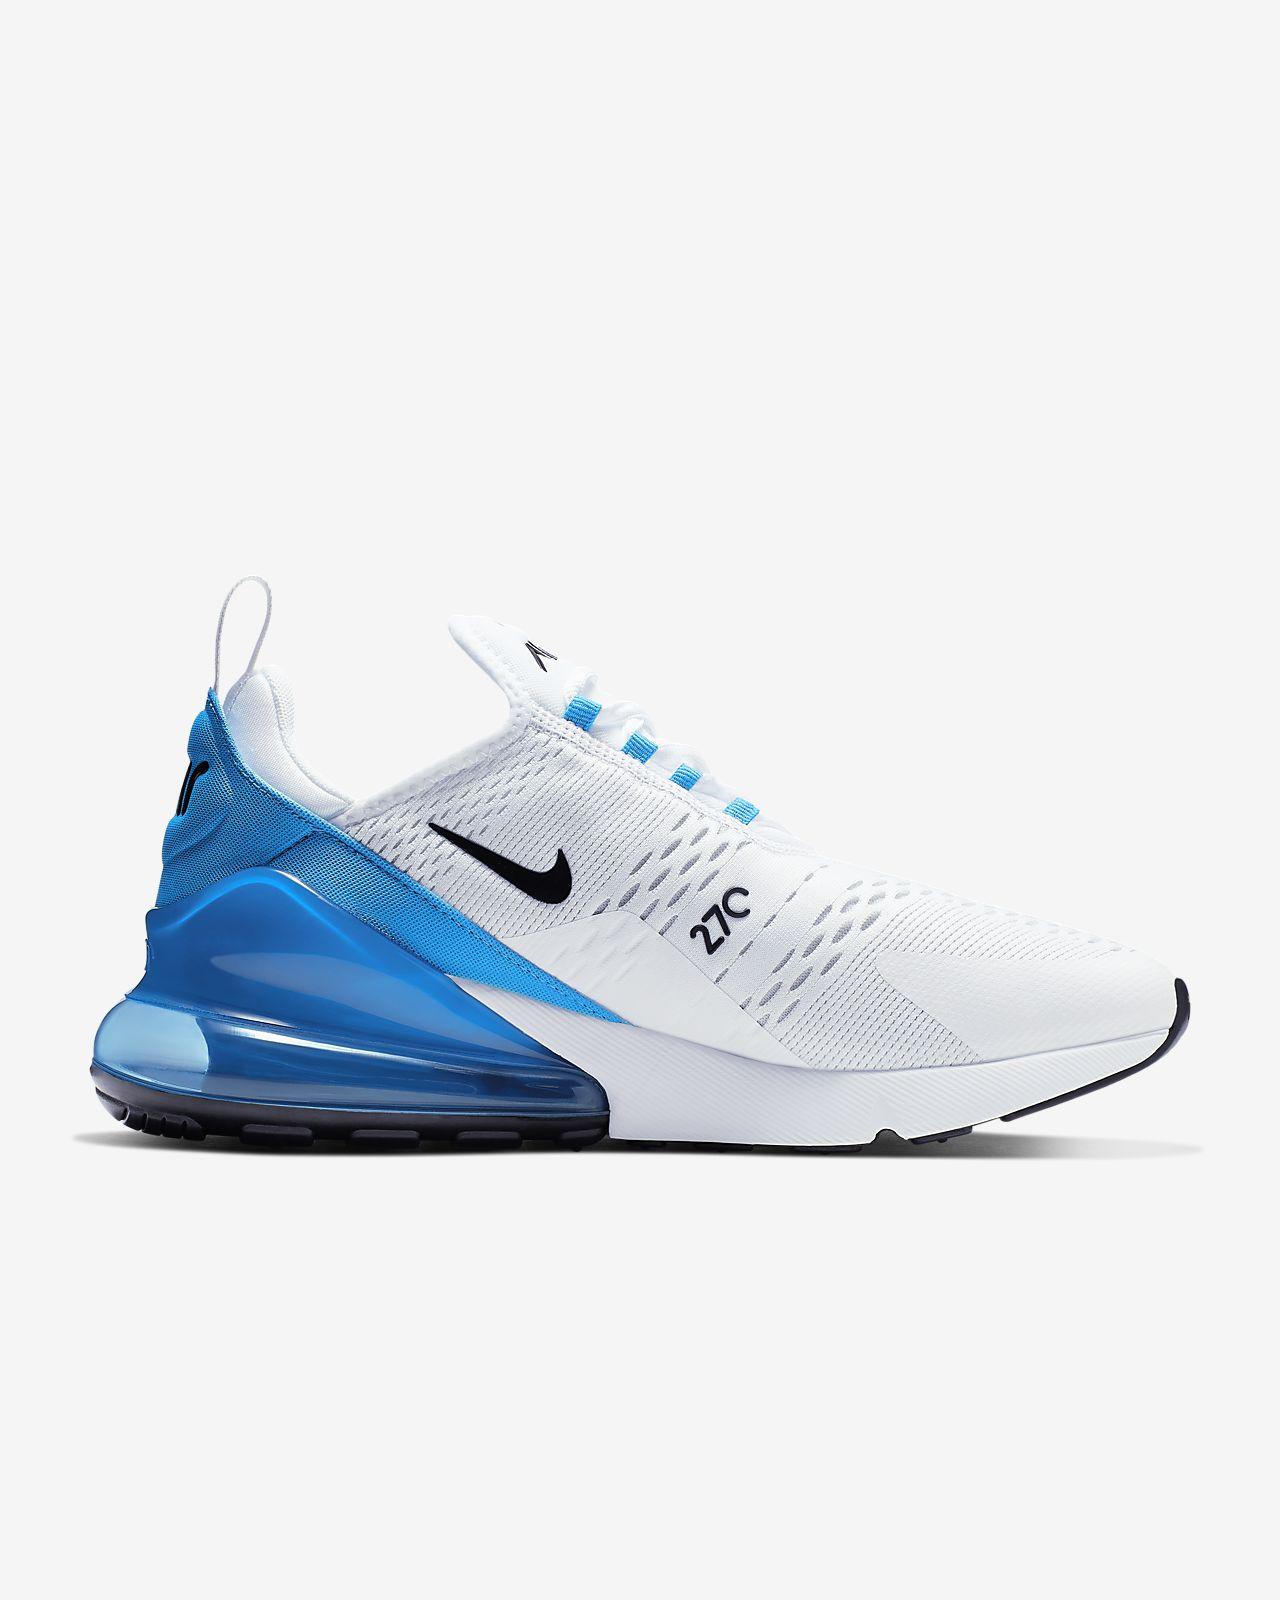 3567ee3b55d6 Nike Air Max 270 Men s Shoe. Nike.com GB